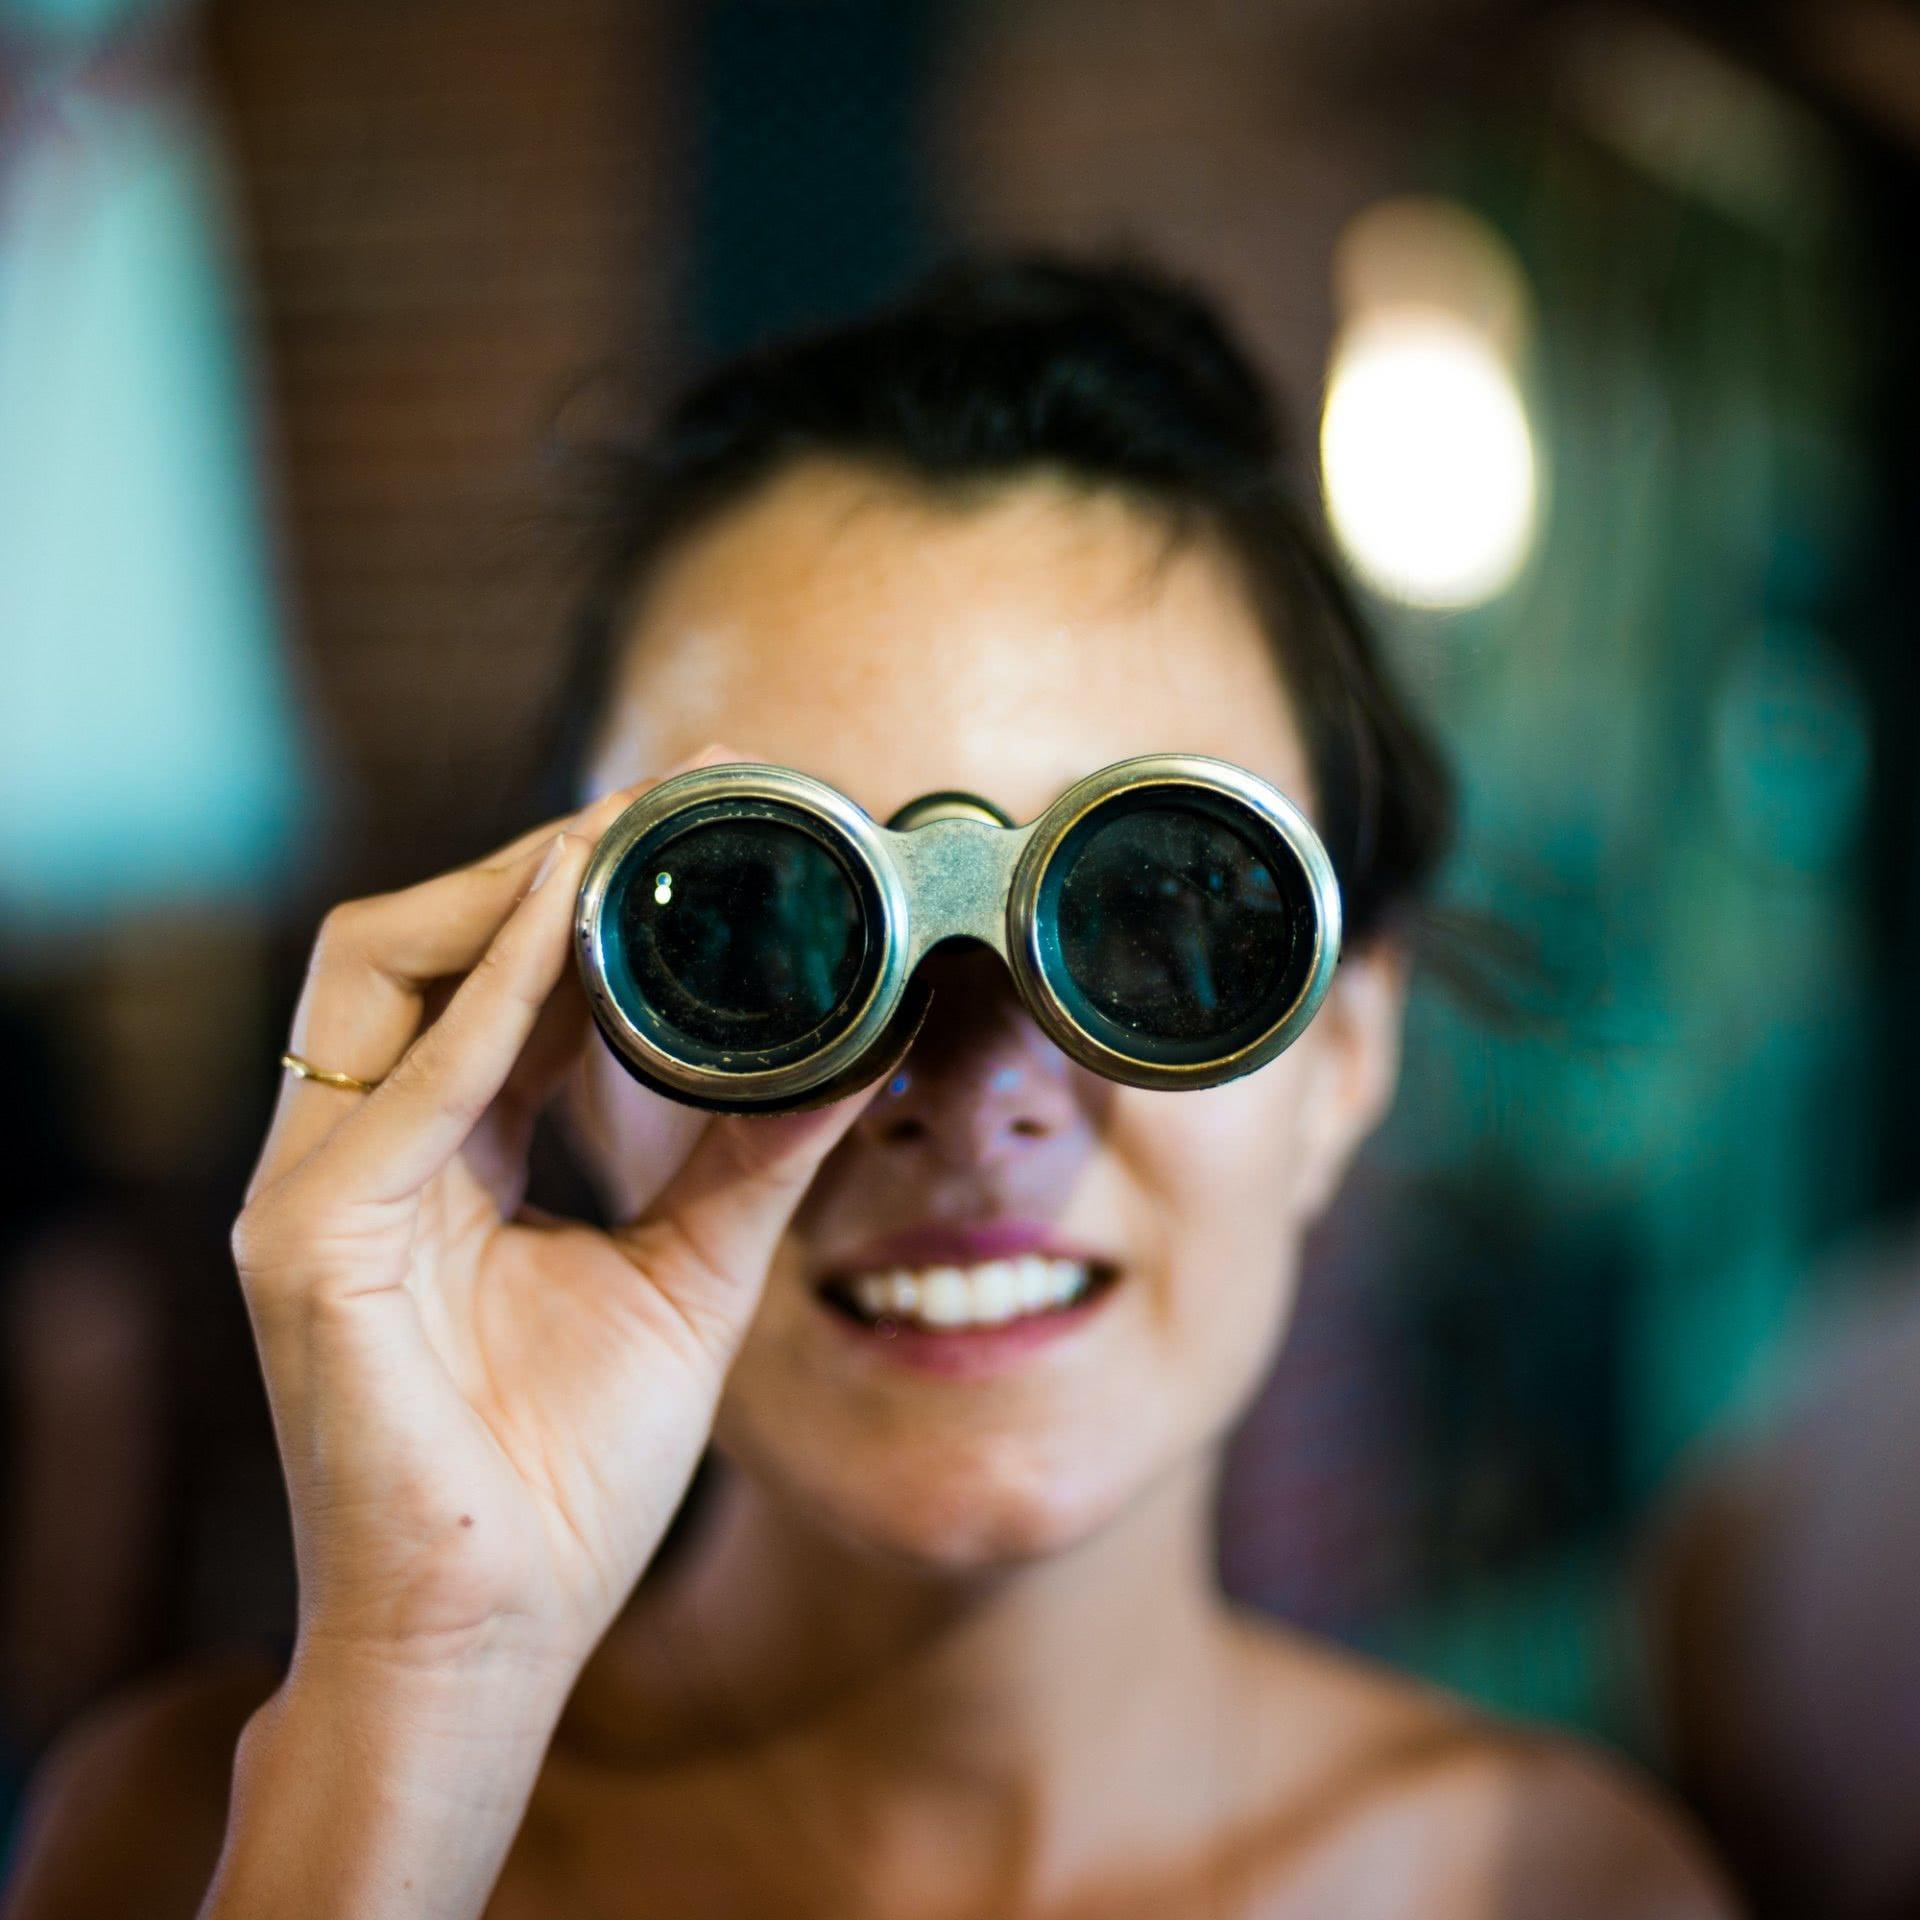 Foto: Frau, die ein Fernglas hält